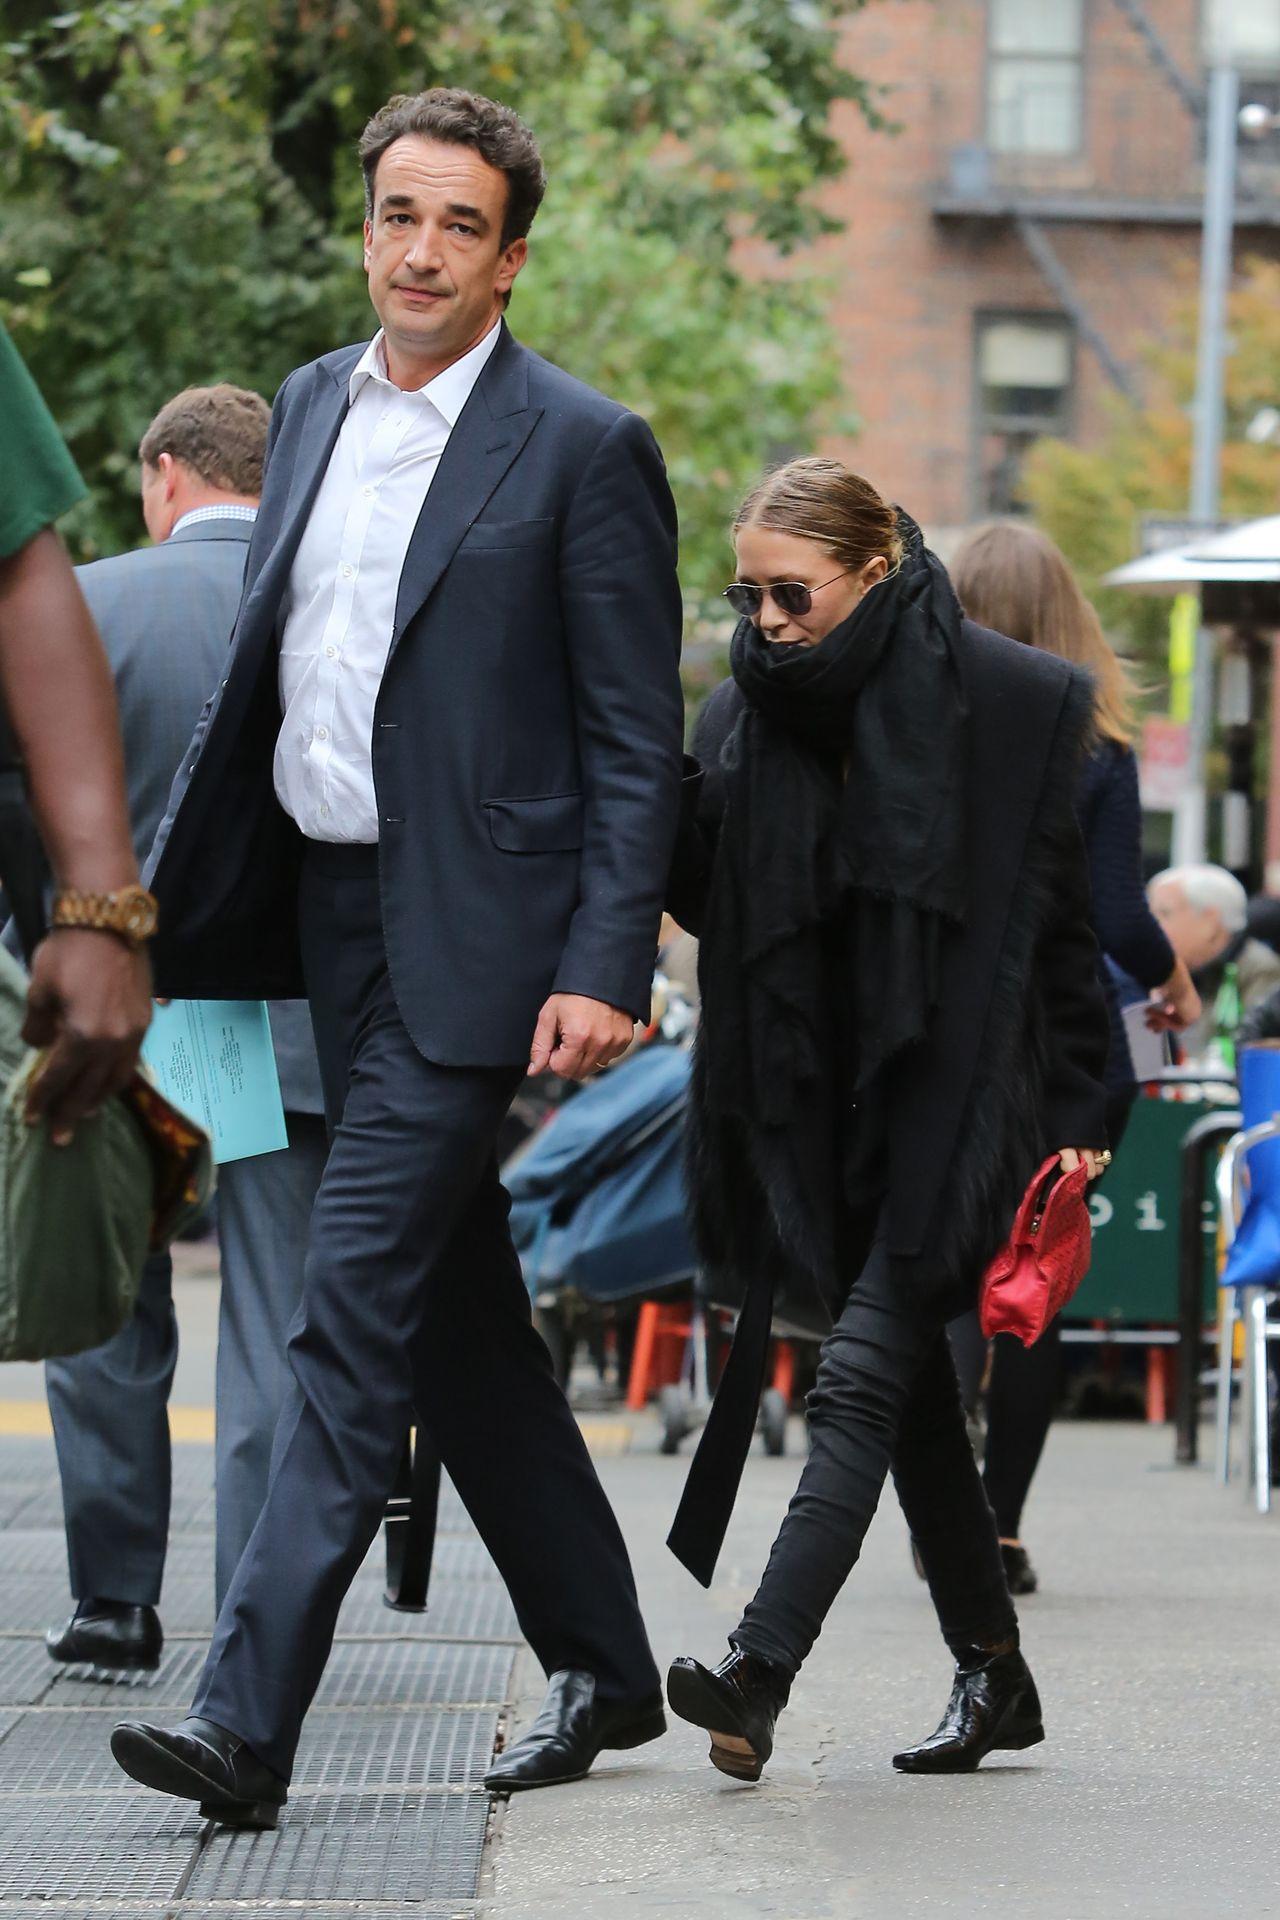 Mary-Kate Olsen z ówczesnym narzeczonym, Olivierem Sarkozym, Nowy Jork 2014 rok